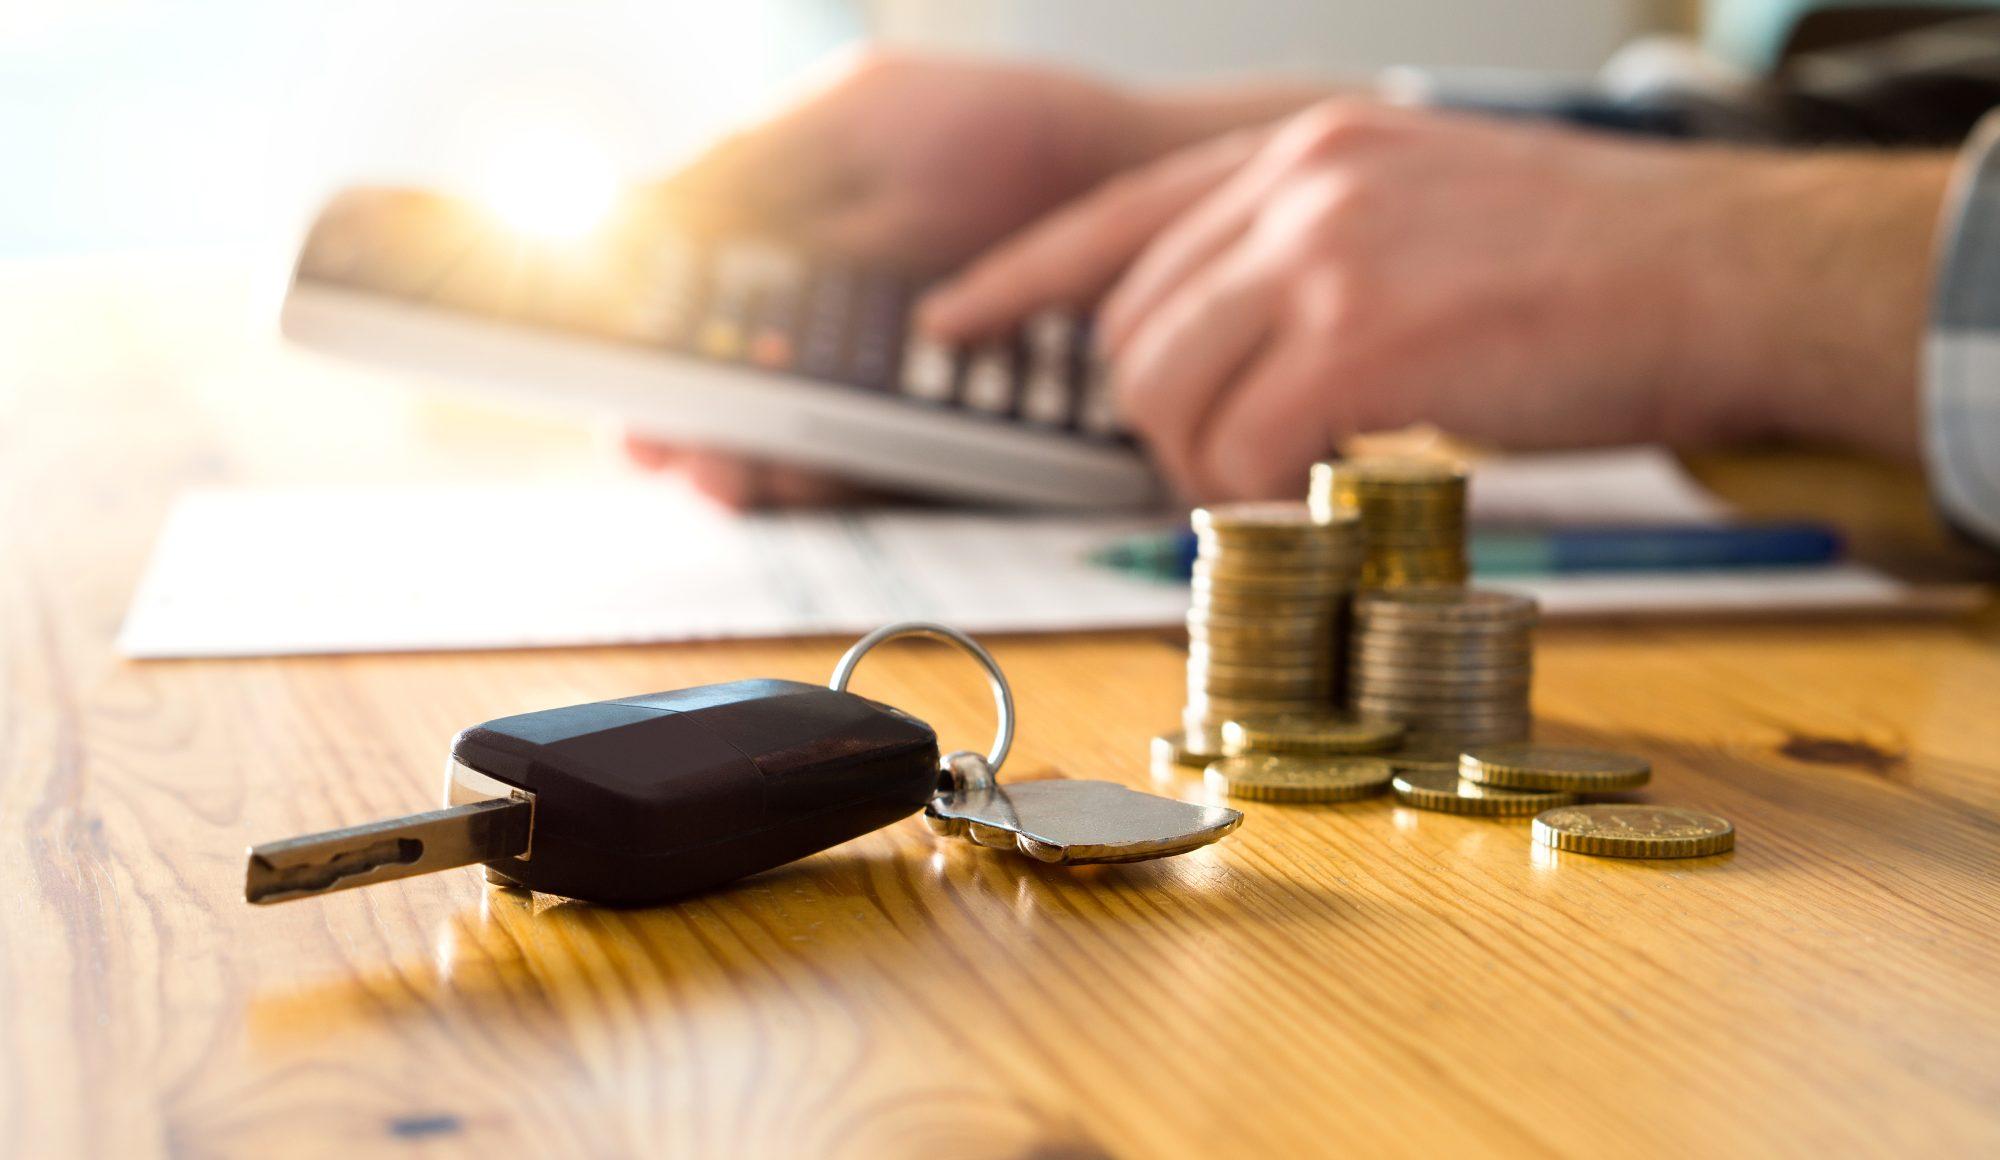 Fiscalité d'un véhicule utilitaire : les 5 informations à connaître